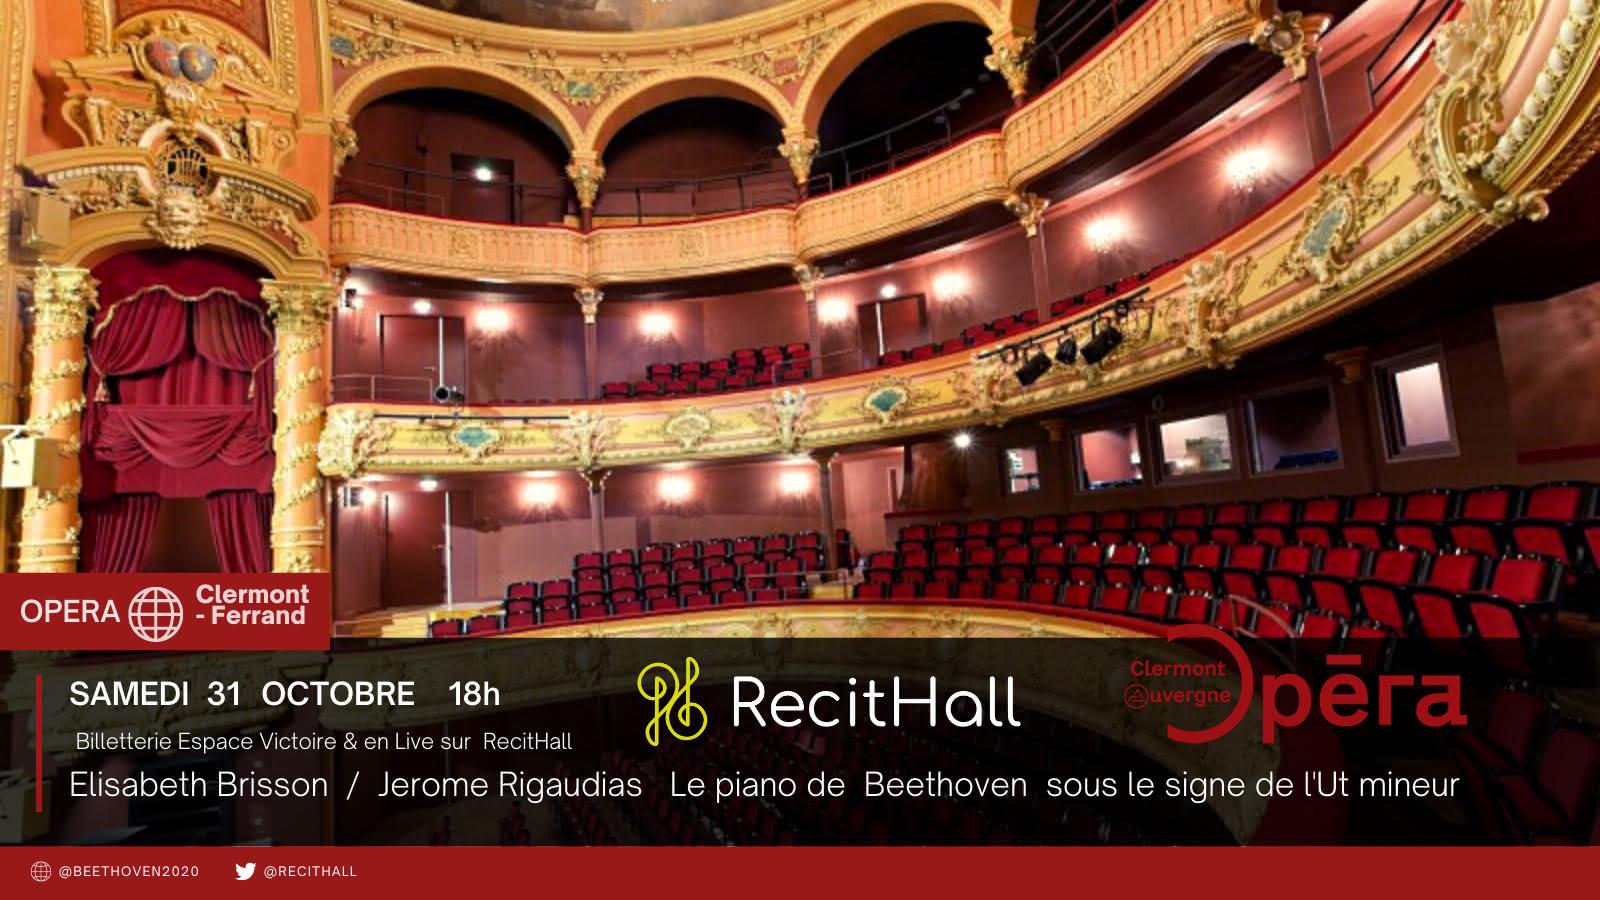 © Ensemble Arietta : Le piano de Beethoven sous le signe de l'Ut mineur